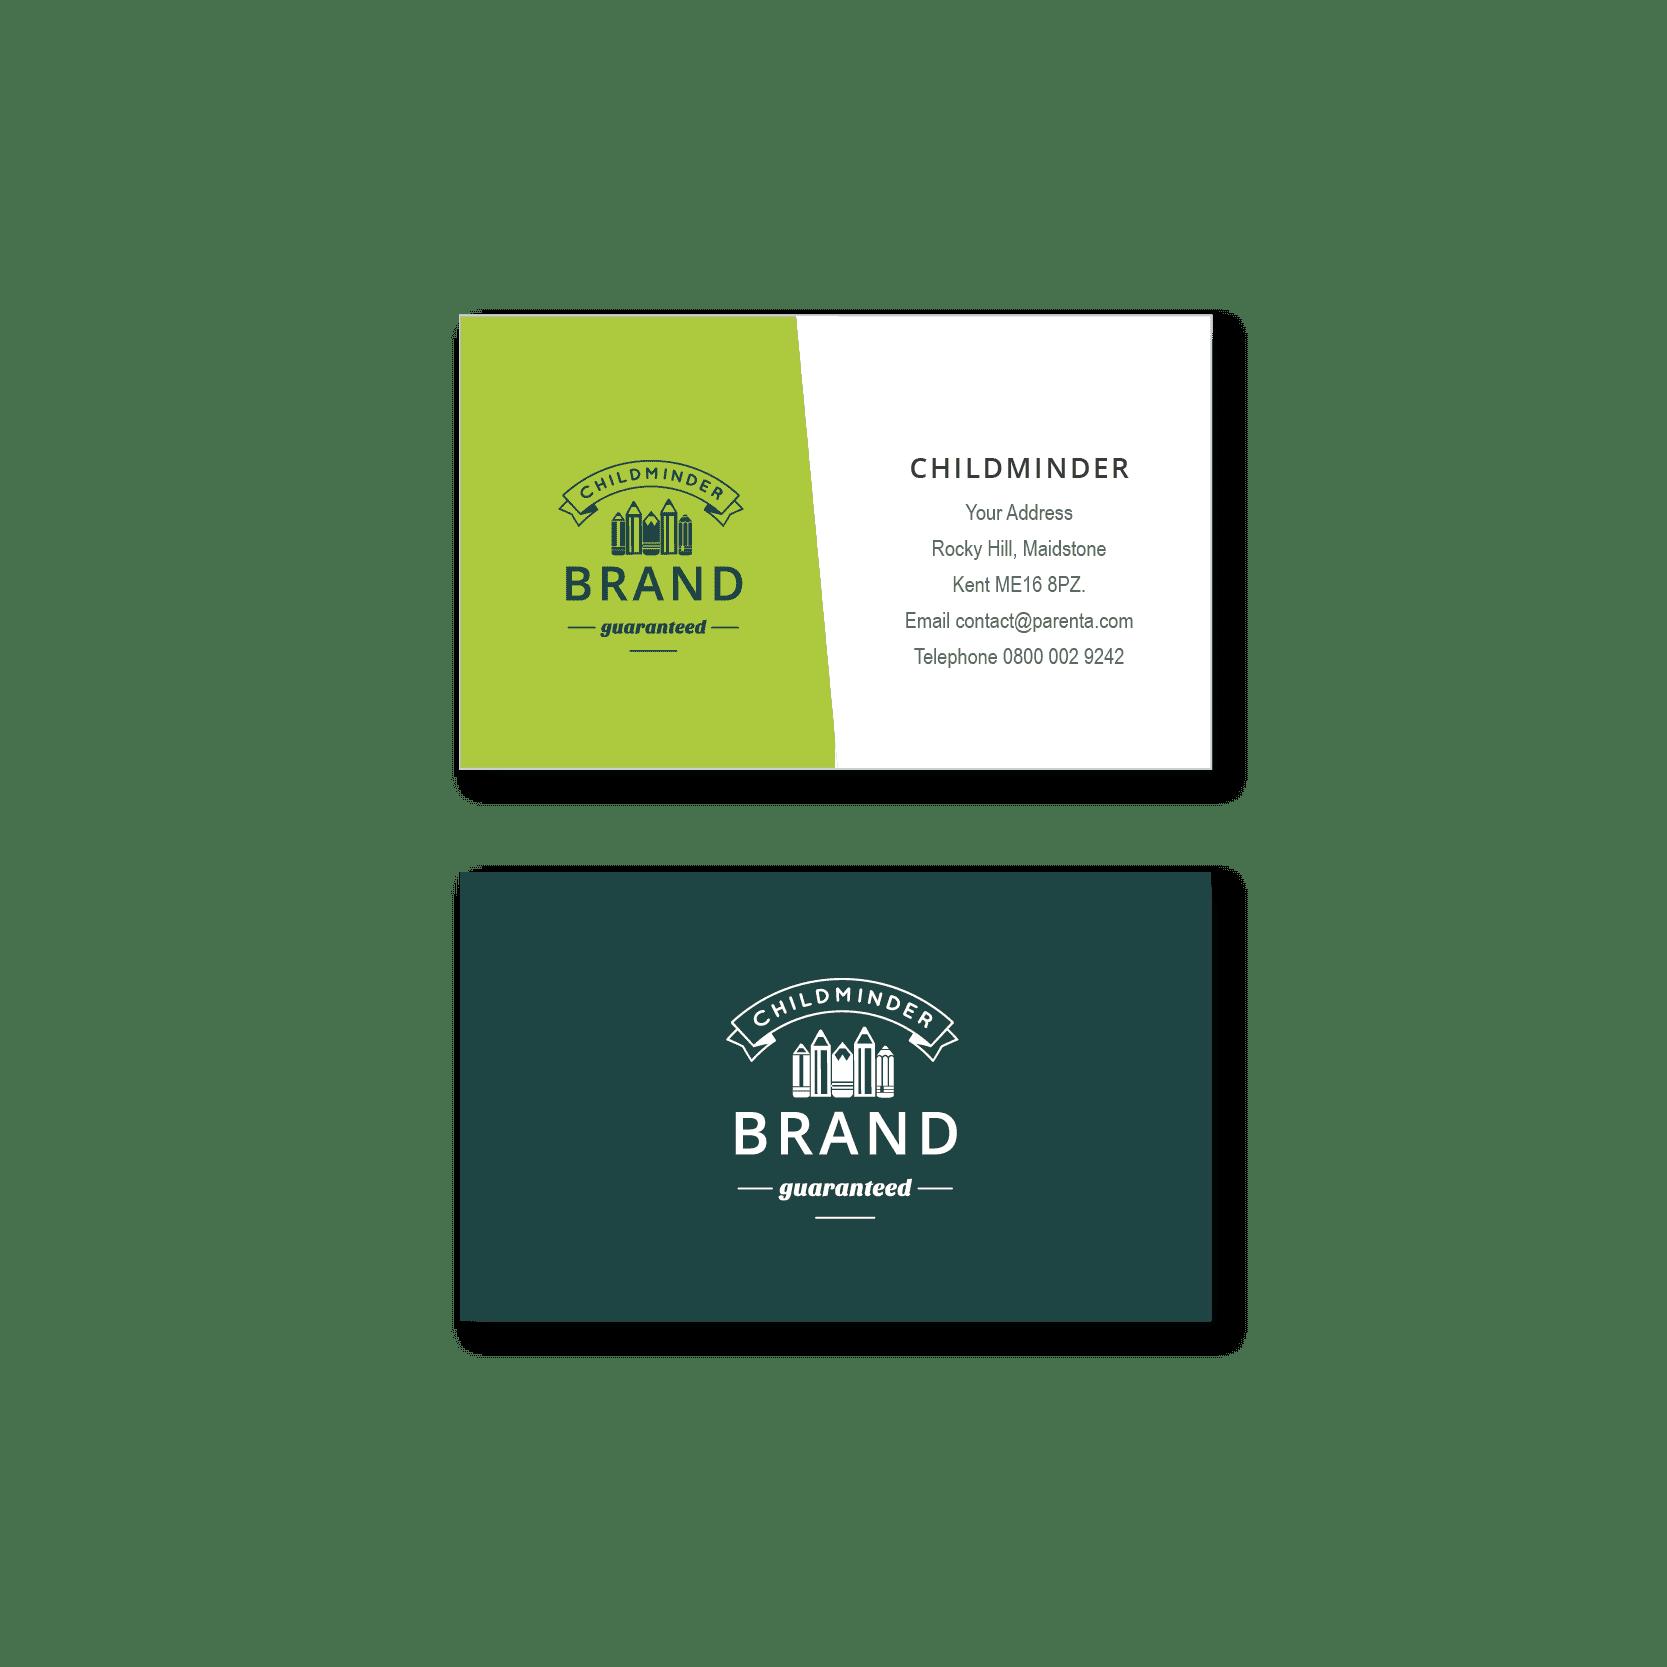 Childminder Business Cards